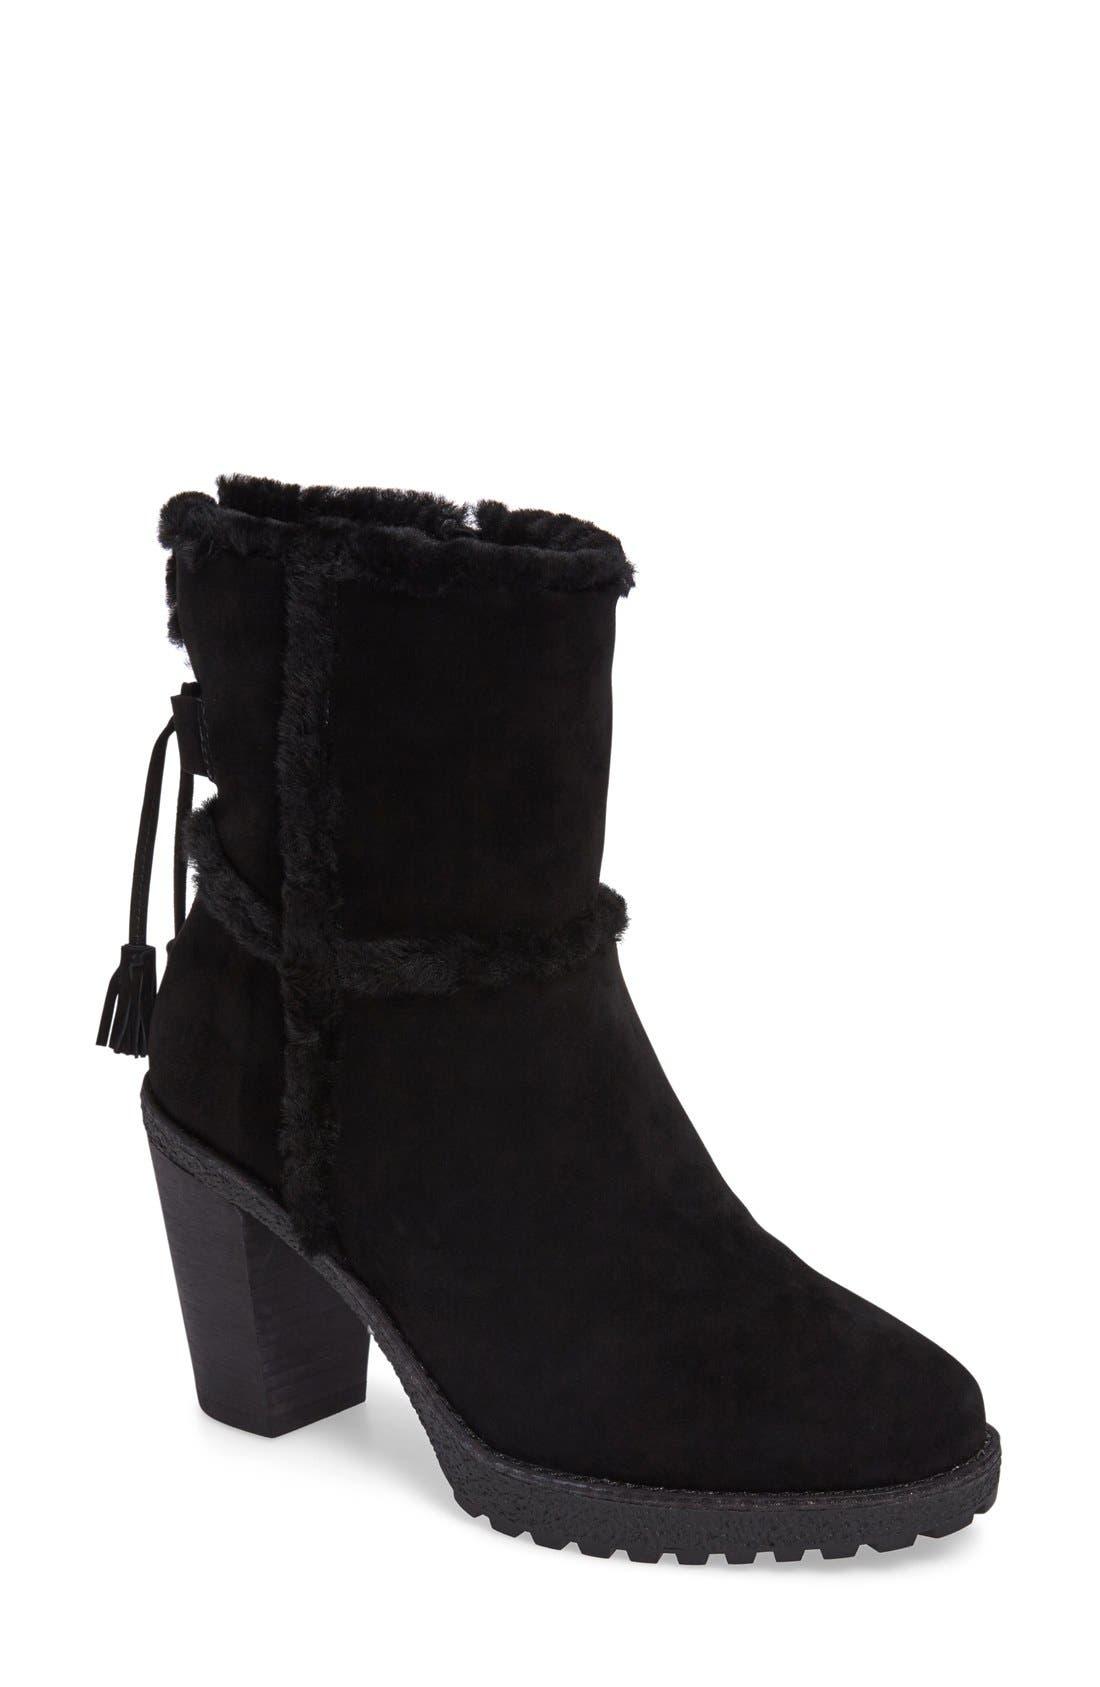 Frye Jen Genuine Shearling Lined Water Resistant Boot (Women)